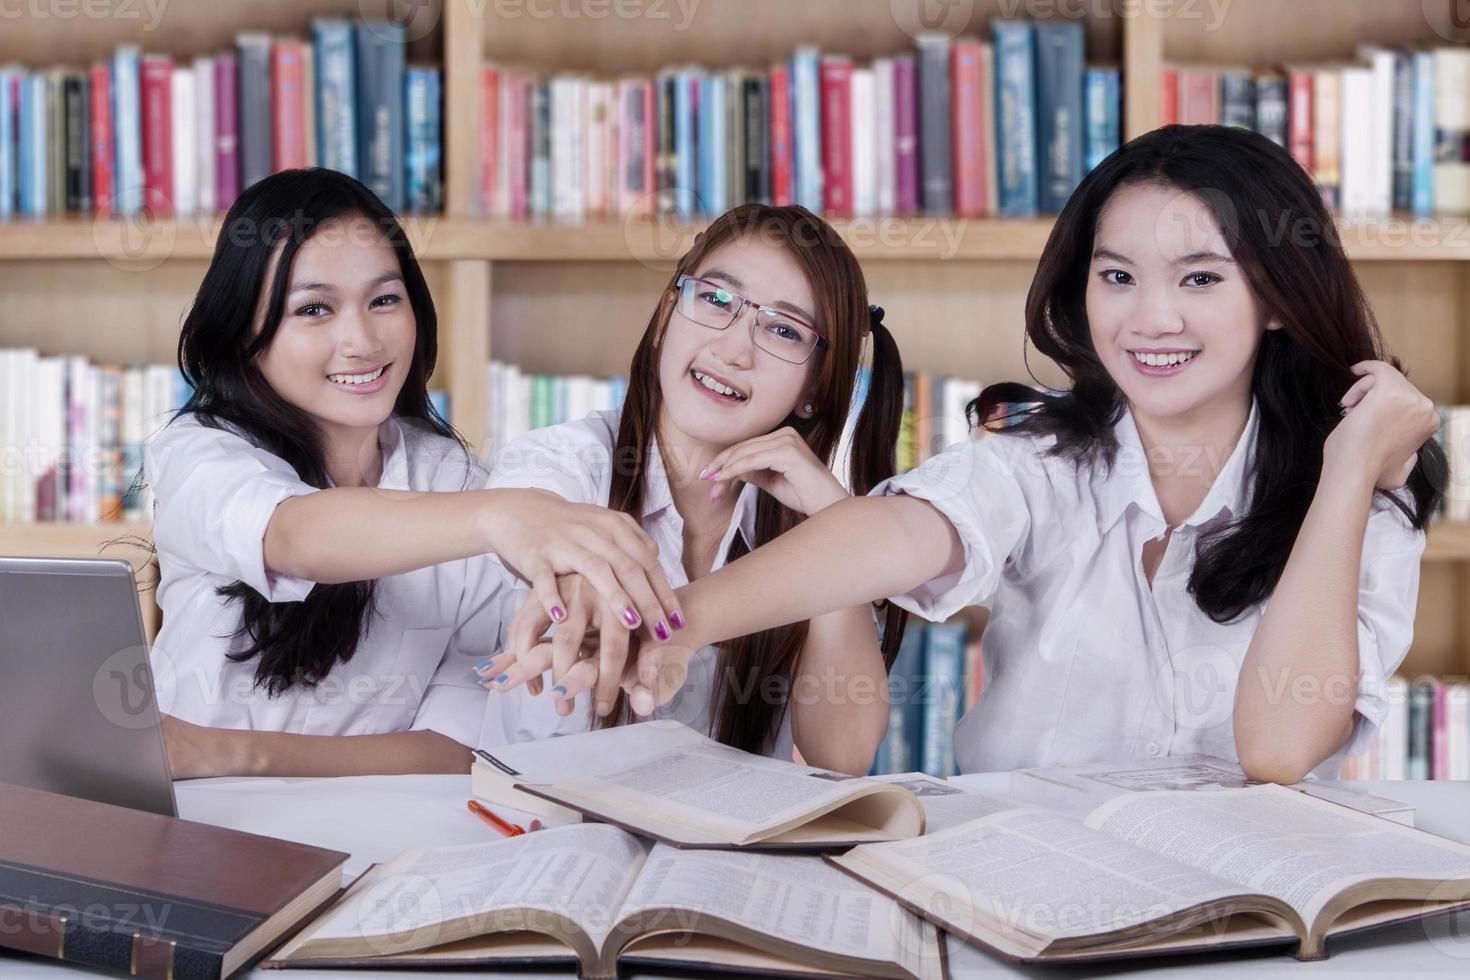 equipo de estudiantes mostrando su unidad foto